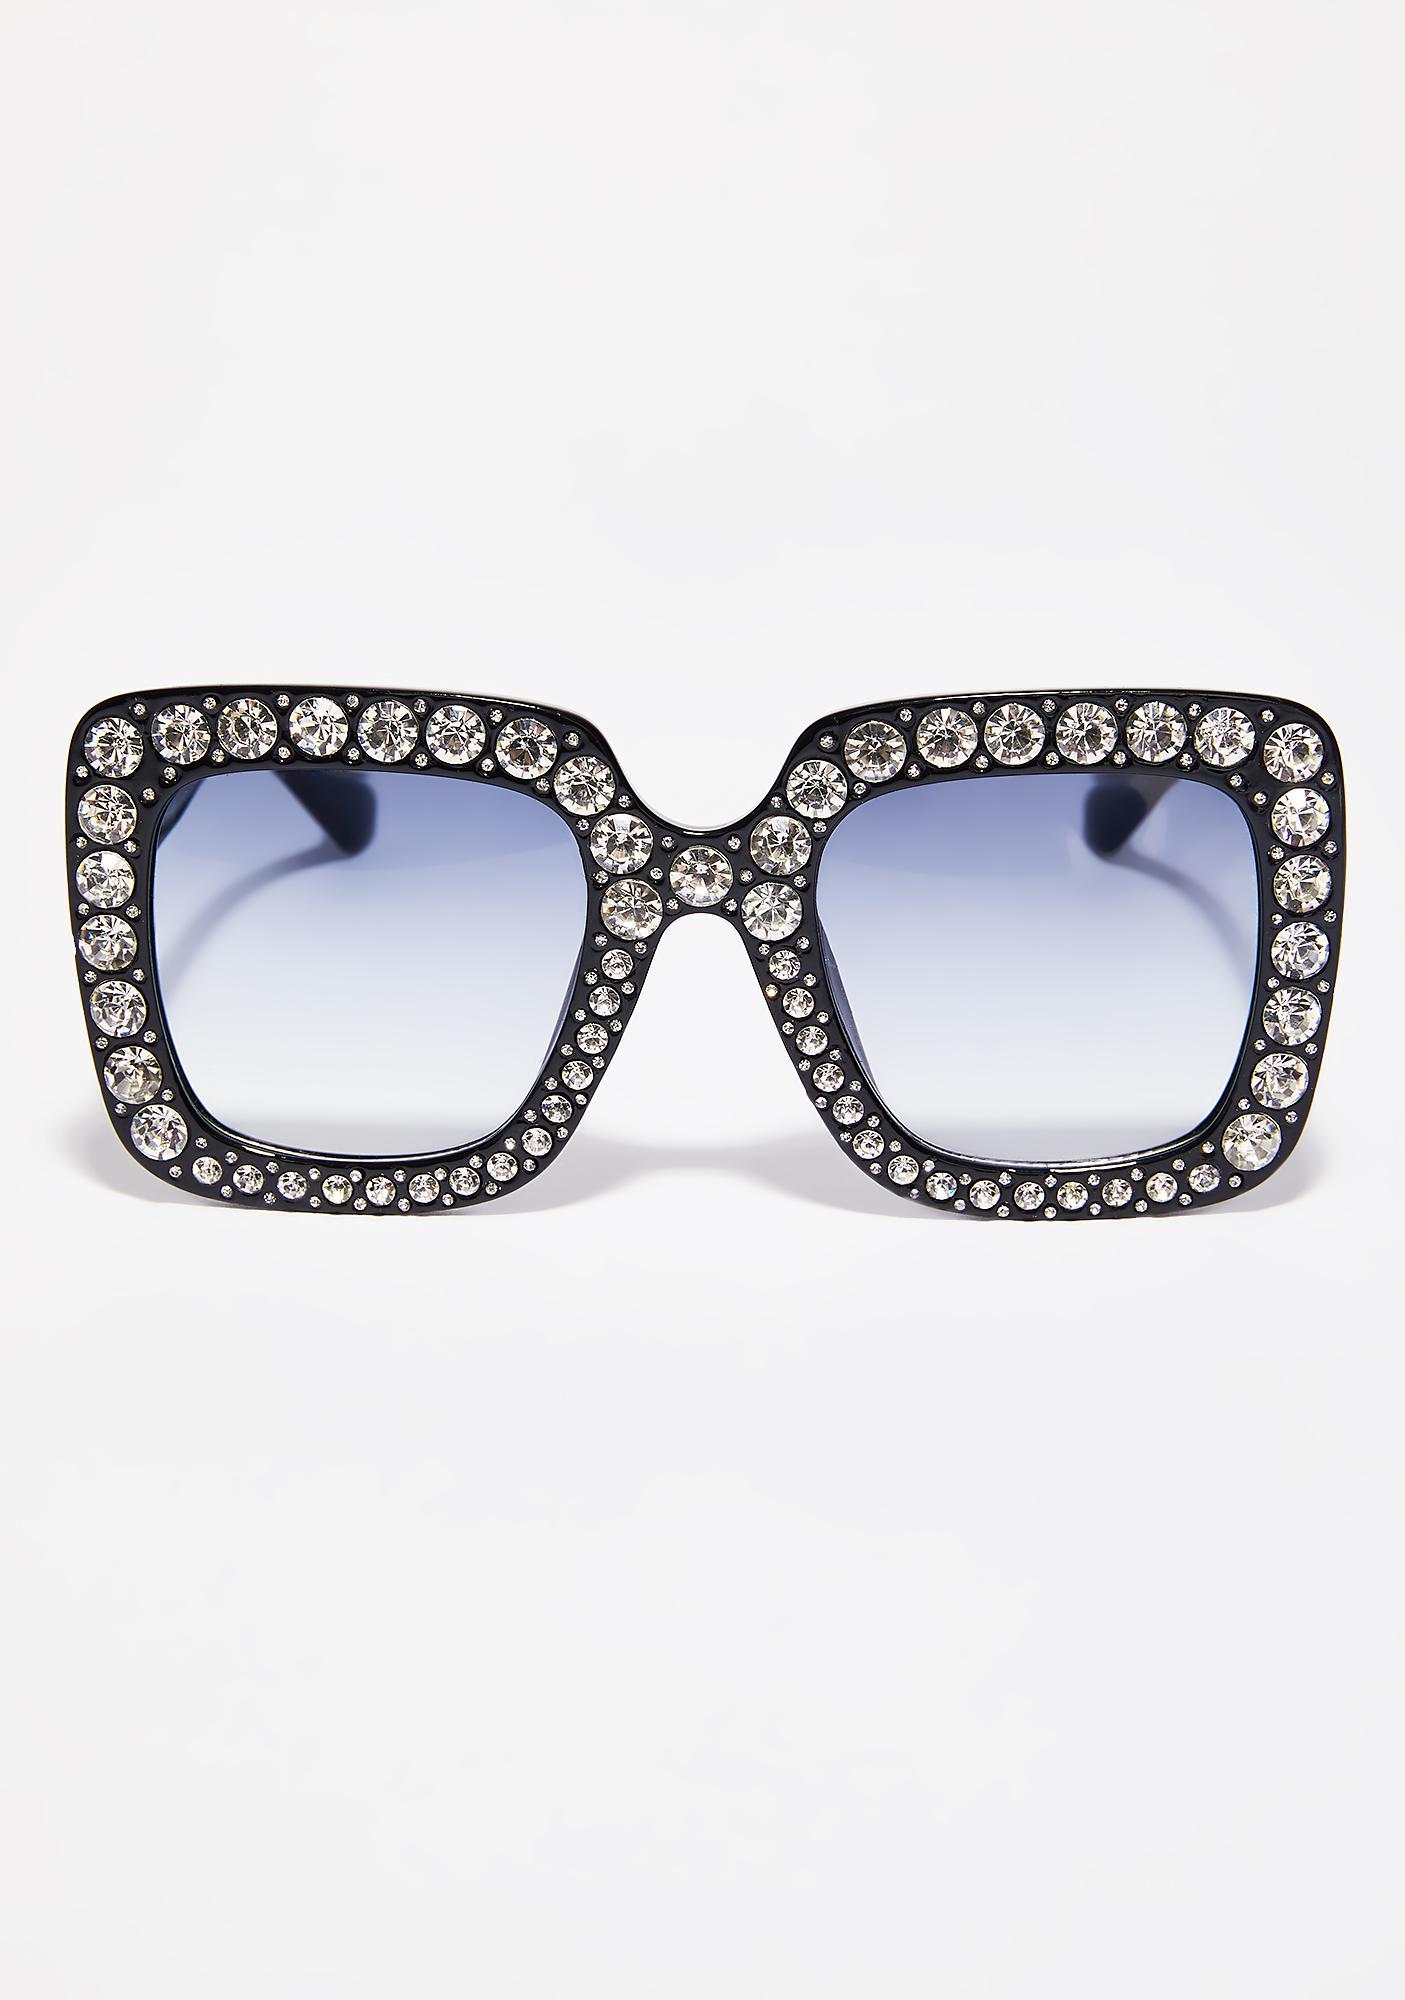 Kitty Feelin' Flossy Sunglasses